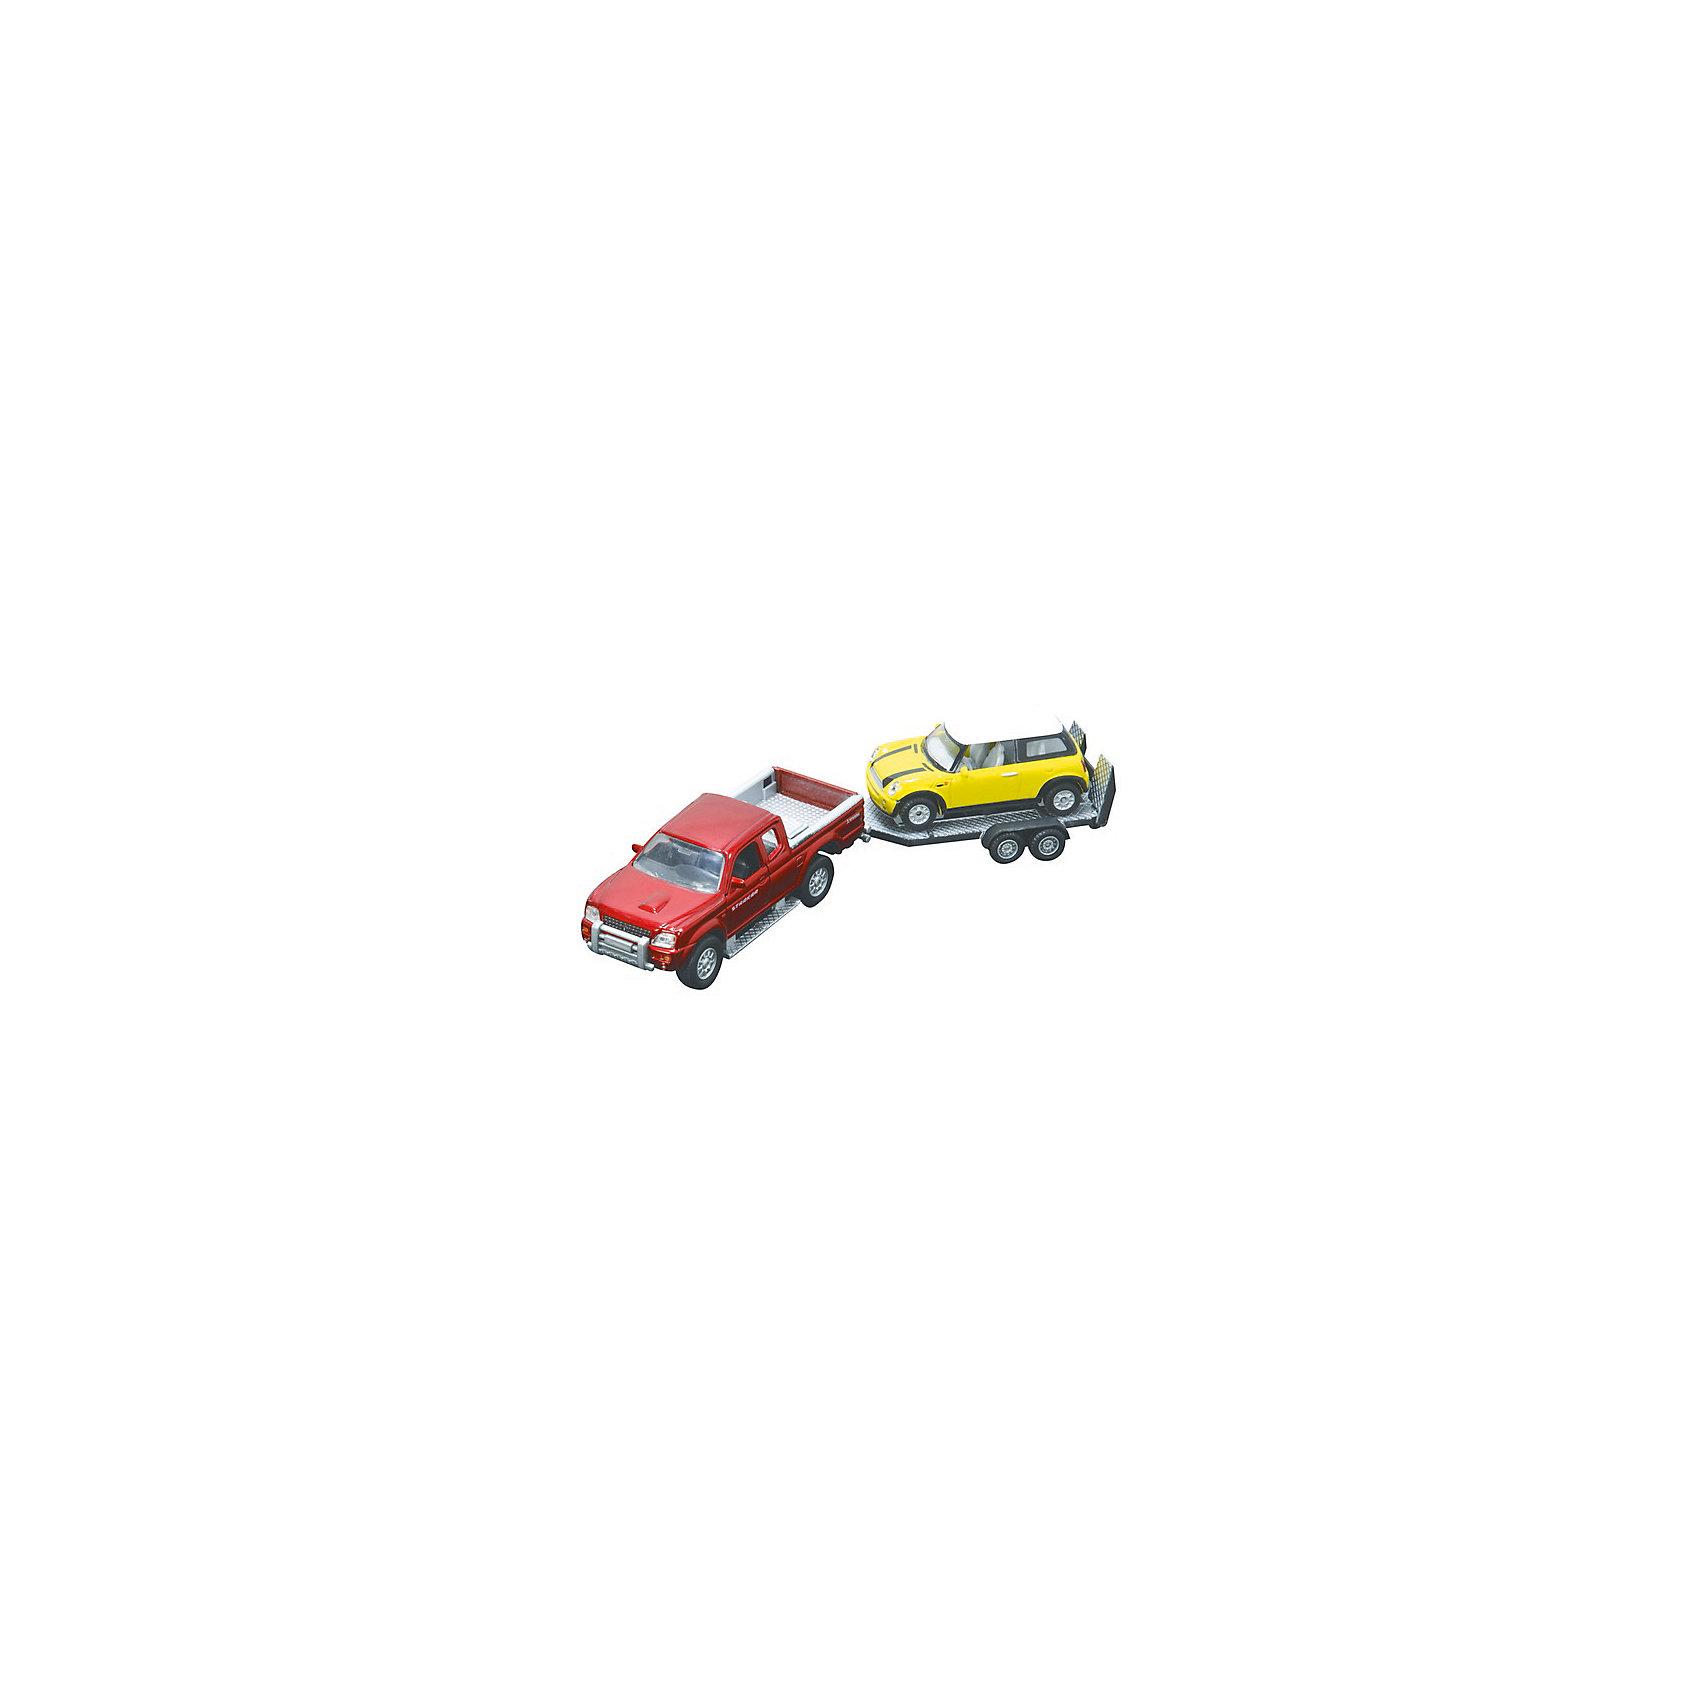 Машинки с прицепом, HTl GrоuрМашинки и транспорт для малышей<br>Больше всего мальчишки любят играть с машинками. Даже во взрослом. Сознательном возрасте. Просто с годами растут запросы к размерам автомобилей. Для детей от 3 лет прекрасным вариантом станет игровой набор от HTI Эвакуатор с прицепом и мини-Купером. <br>Машинки в масштабе 1:43, и 1:32 на Ваш выбор- выполнены из высококачественных материалов пластика с металлическими элементами. Он отвечает высочайшим европейским требованиям безопасности, поэтому смело можете давать его ребенку от 3 лет.<br>Машинки детализированы, поэтому игра с ними будет намного интереснее, чем с любыми другими. Такой набор станет отличным началом, либо прекрасным дополнением чудесной коллекции.<br><br>Дополнительная информация:<br><br>Масштаб: 1:43, 1:32.<br>Комплект: внедорожник, прицеп, легковушка.<br>Материал: металл, пластик.<br><br>Машинки с прицепом, HTl Grоuр можно купить в нашем магазине.<br><br>Ширина мм: 29<br>Глубина мм: 7<br>Высота мм: 9<br>Вес г: 230<br>Возраст от месяцев: 36<br>Возраст до месяцев: 96<br>Пол: Мужской<br>Возраст: Детский<br>SKU: 4574046